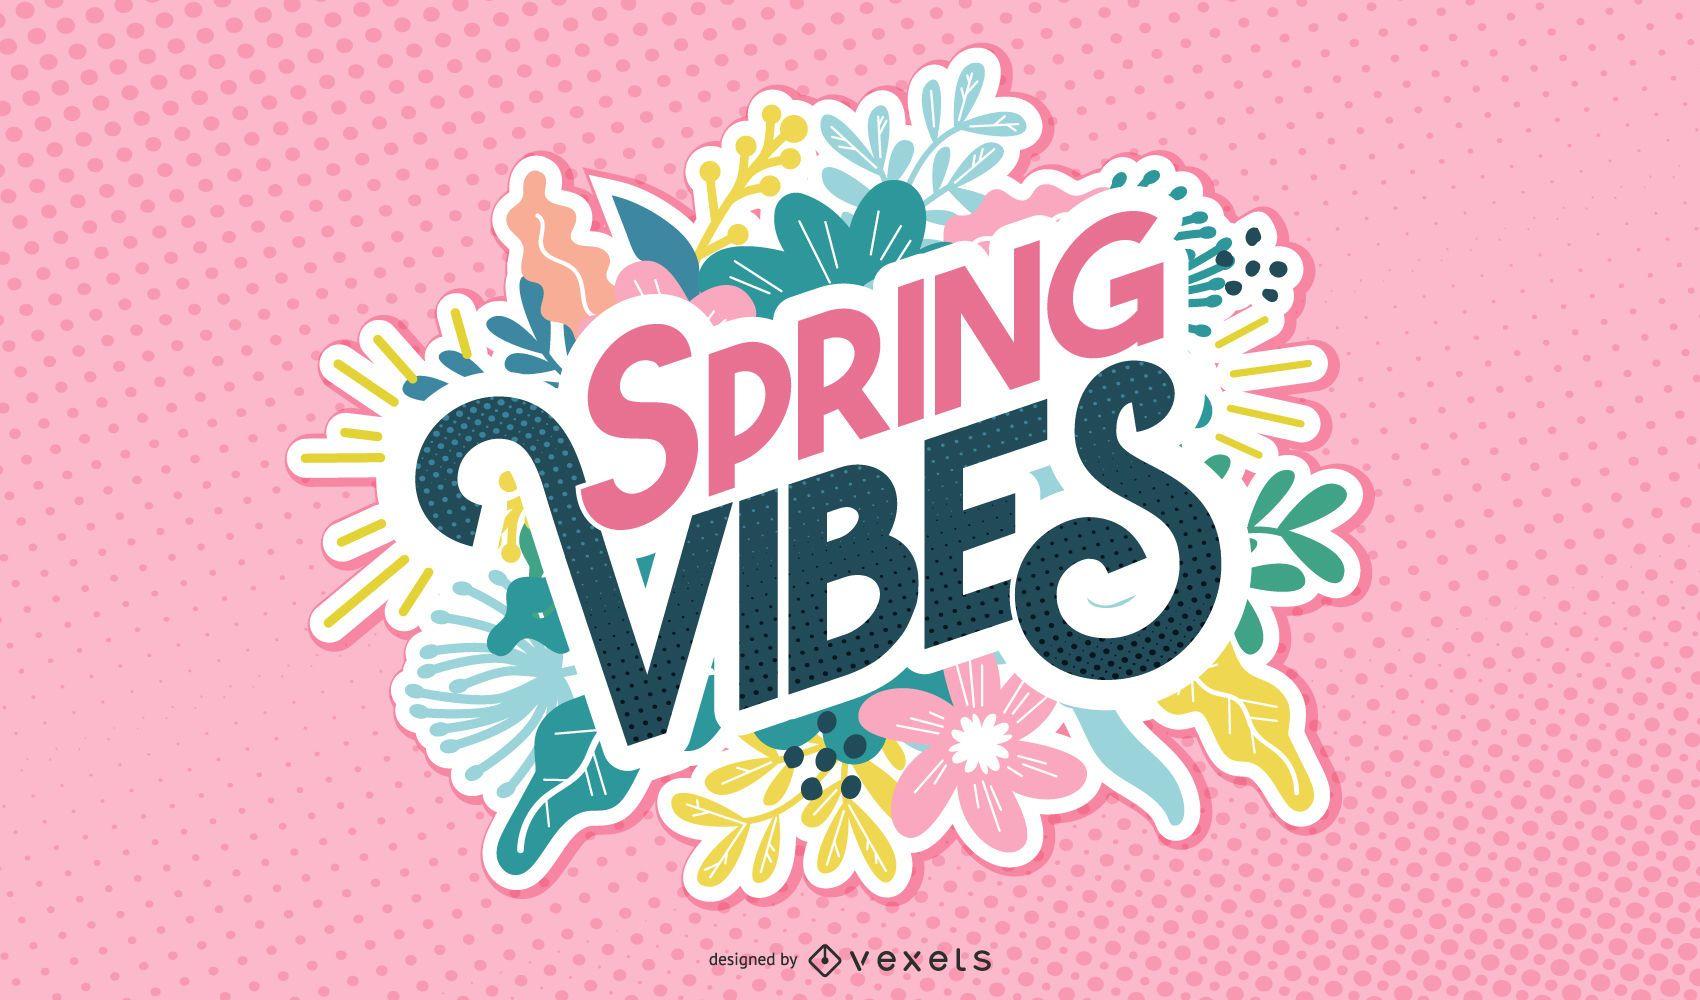 Spring vibes lettering design